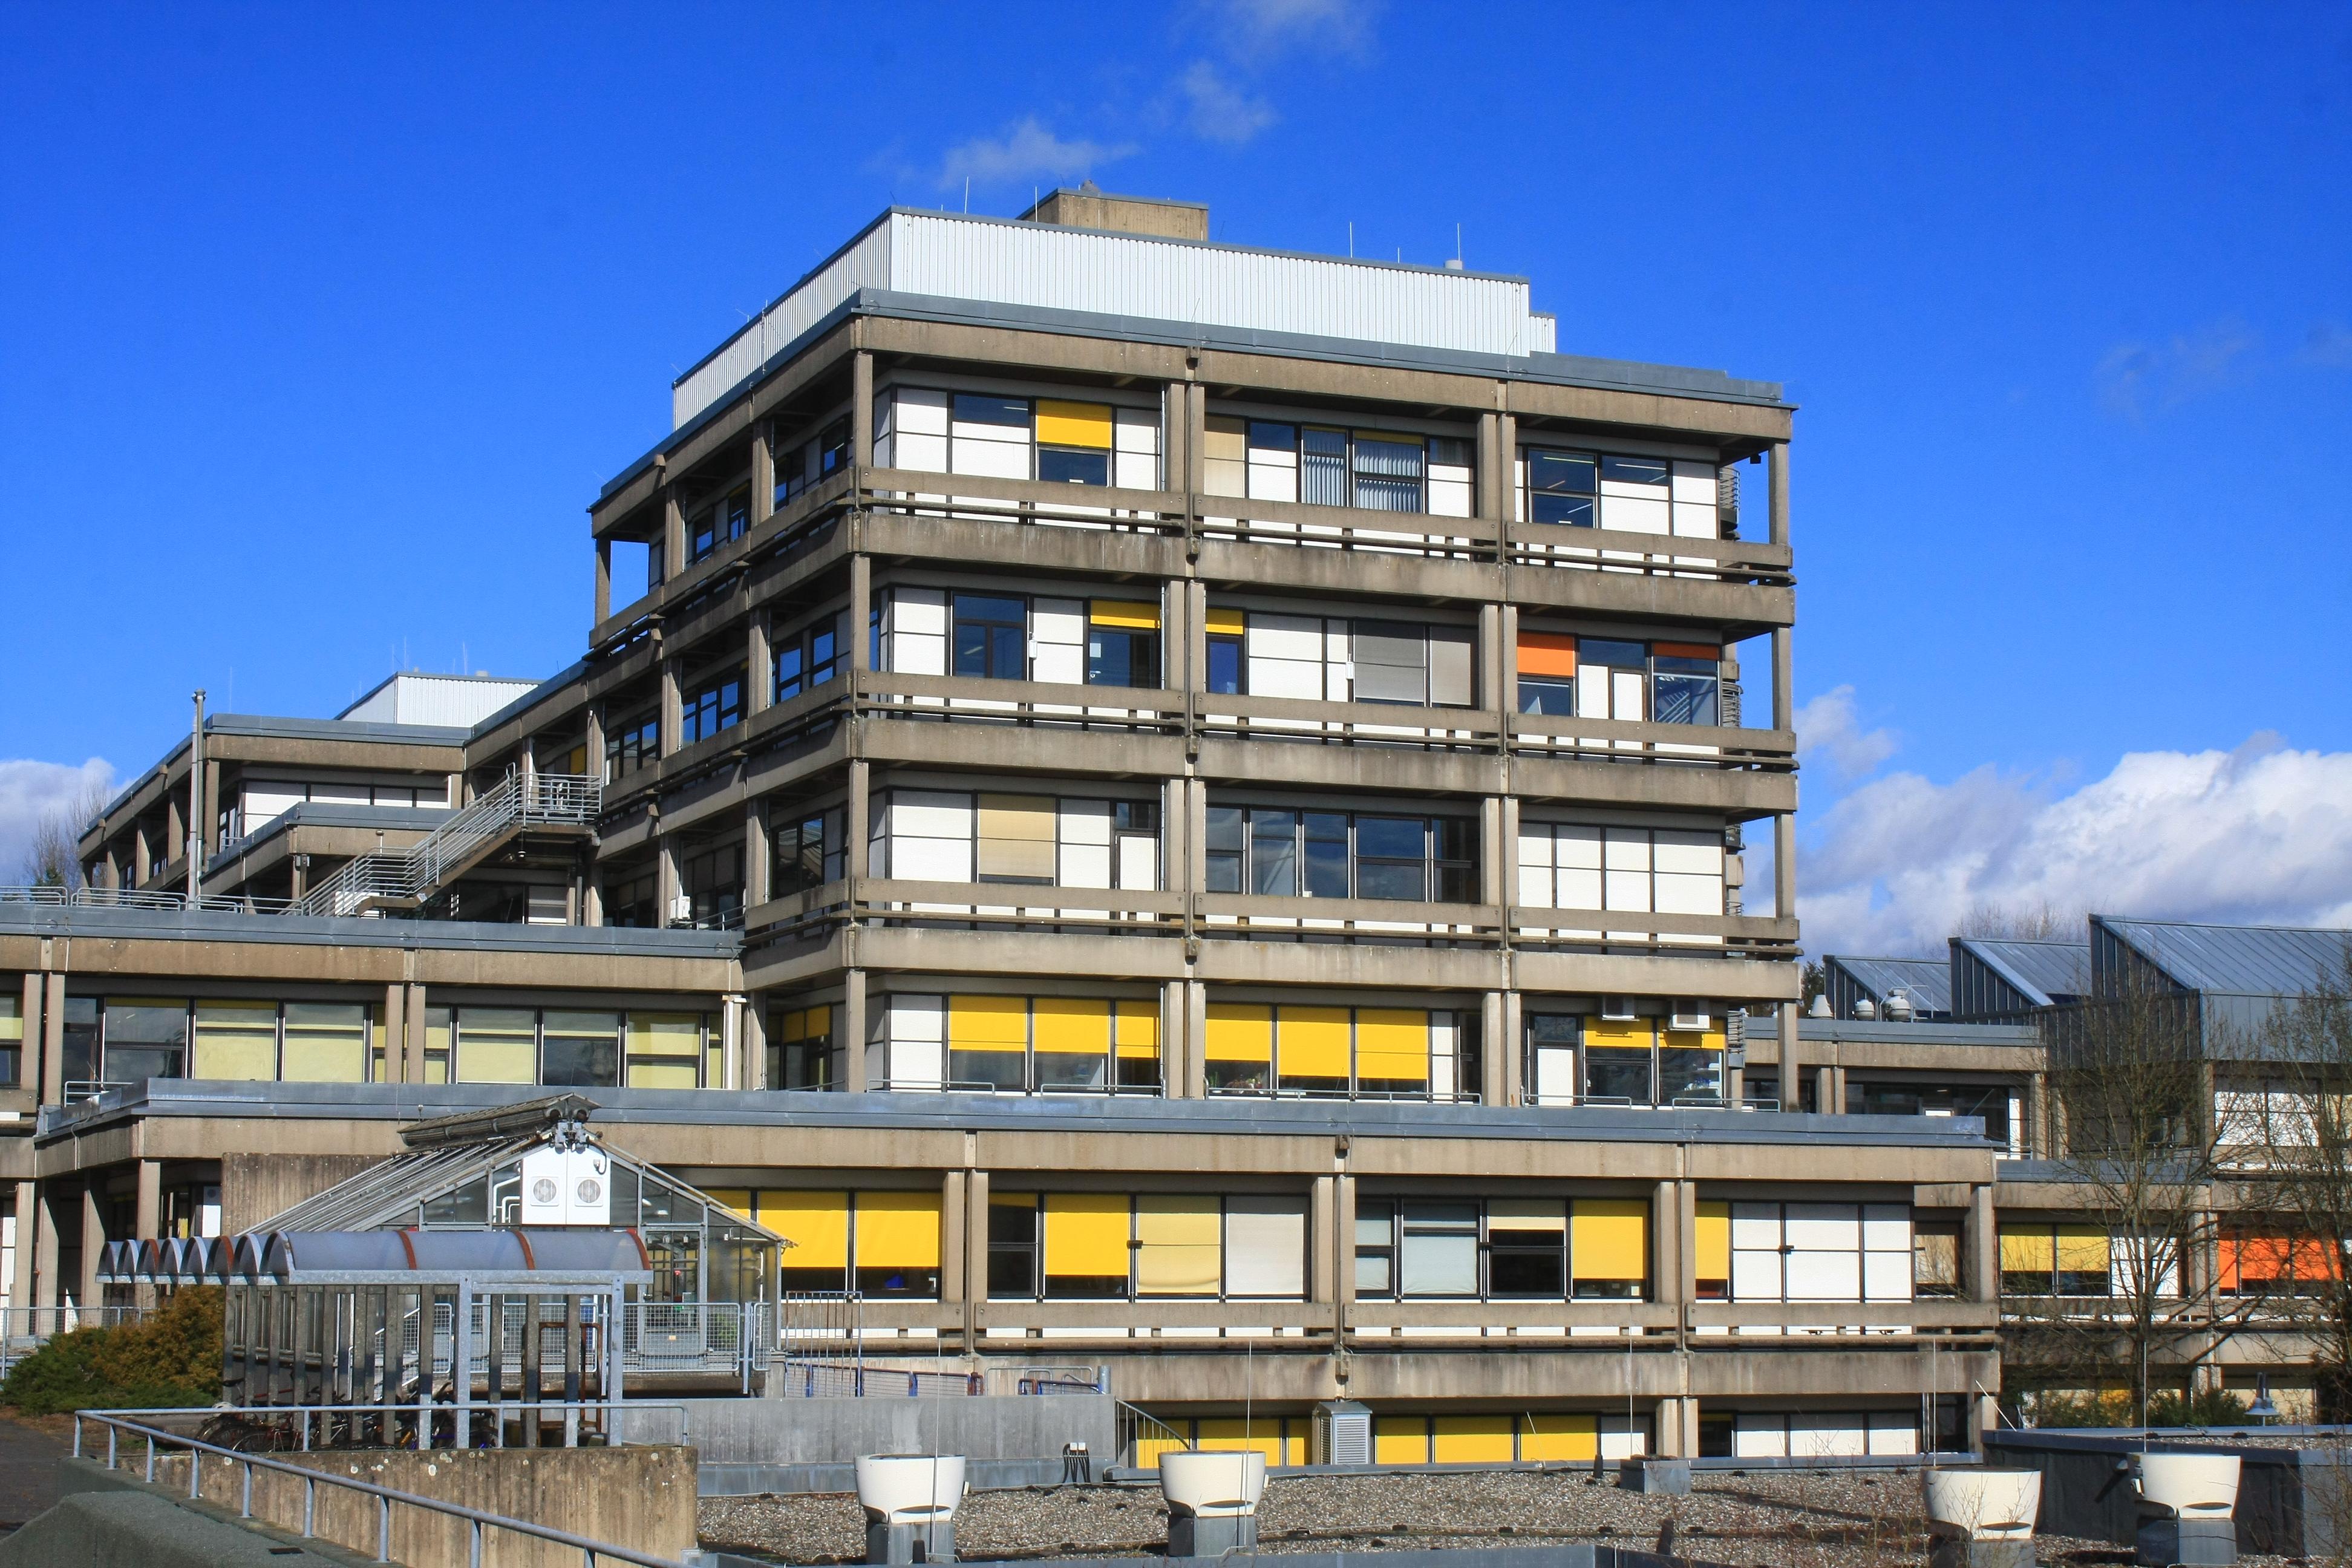 Image result for Wissenschaftliche Laboratorien in Darmstadt